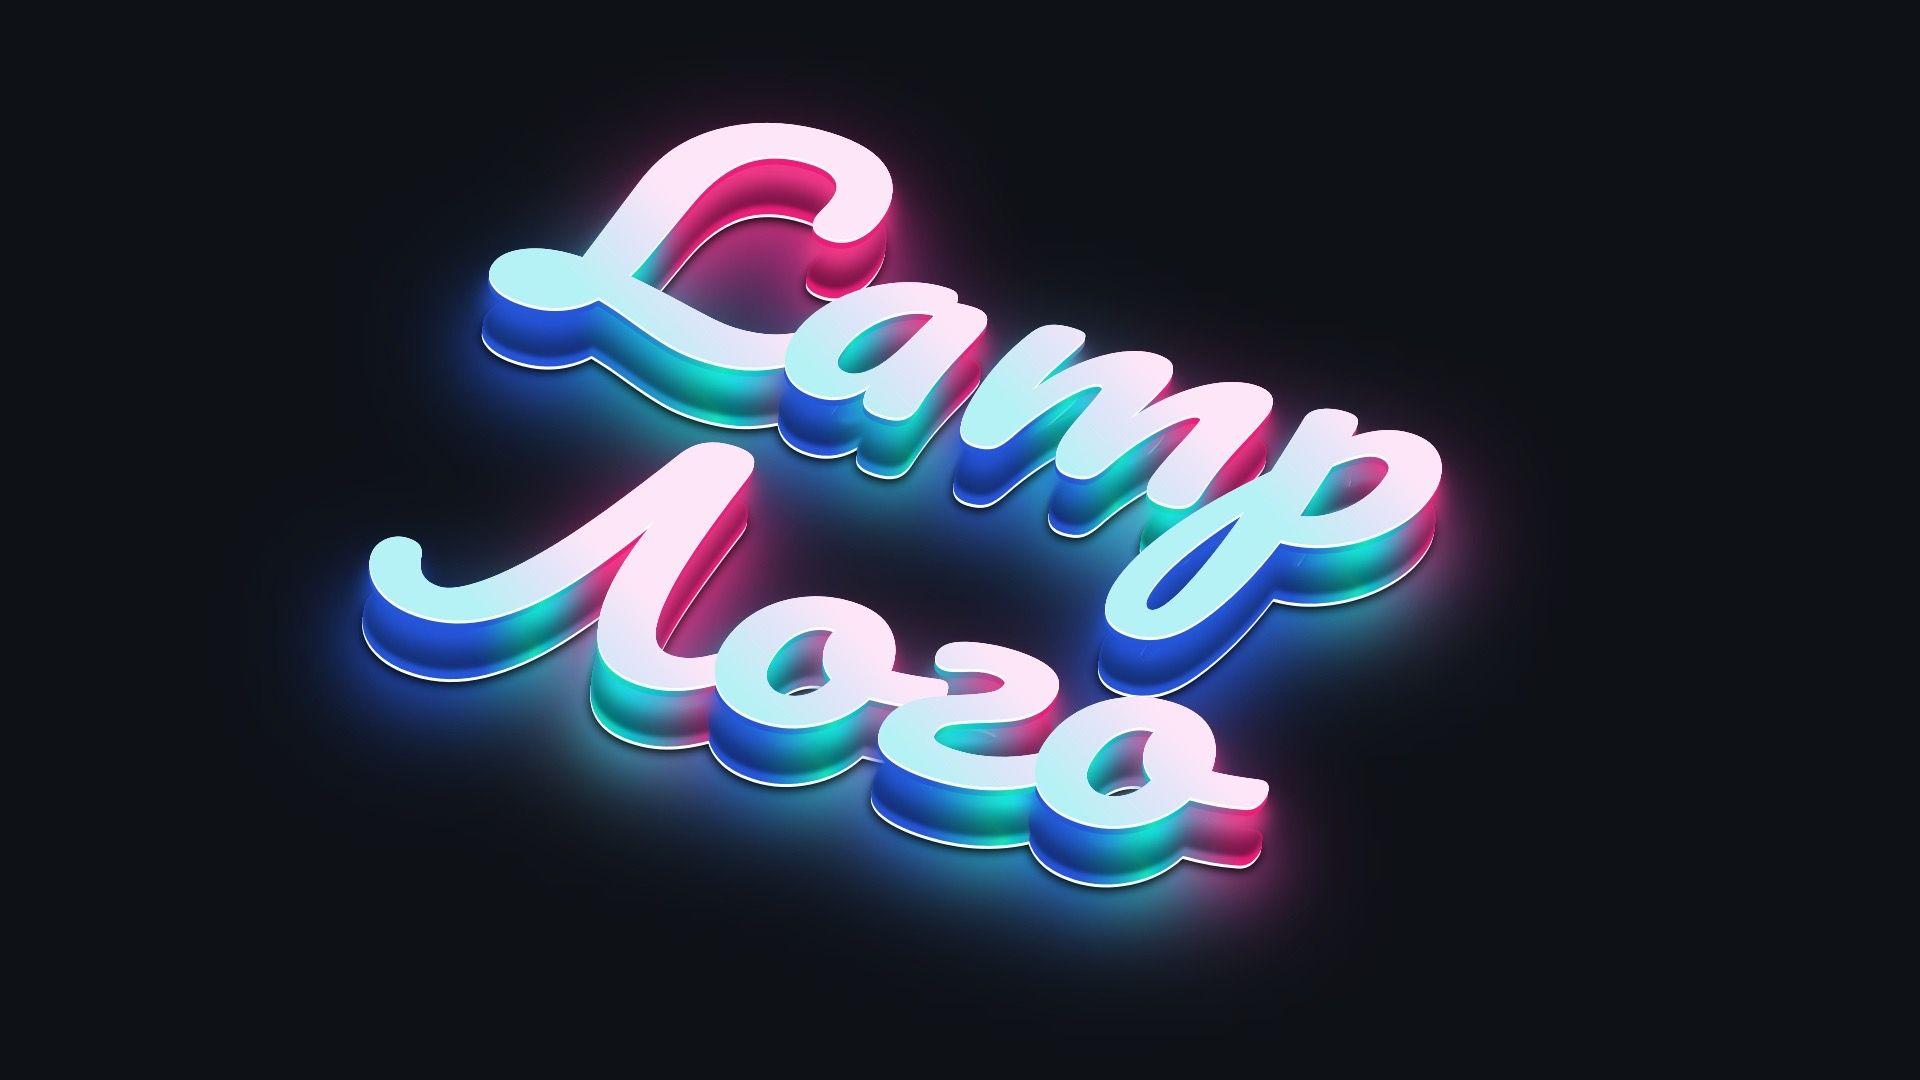 Create best glow text font effect design neon glow neon